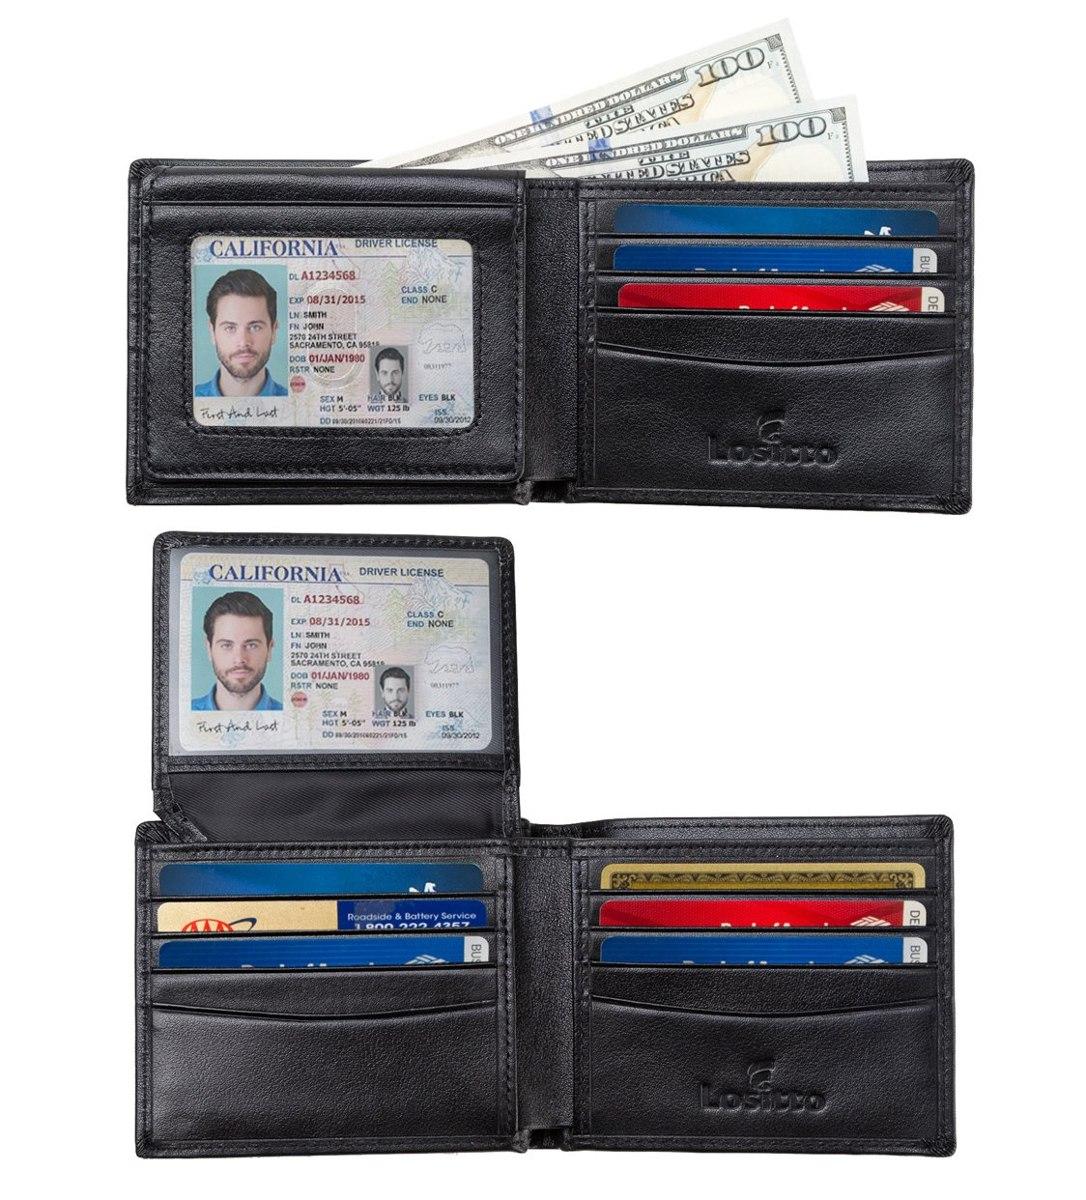 el más nuevo 06035 b0010 Billetera Rfid Para Mujer Lositto 2 Id, Bifold Wallet, Re